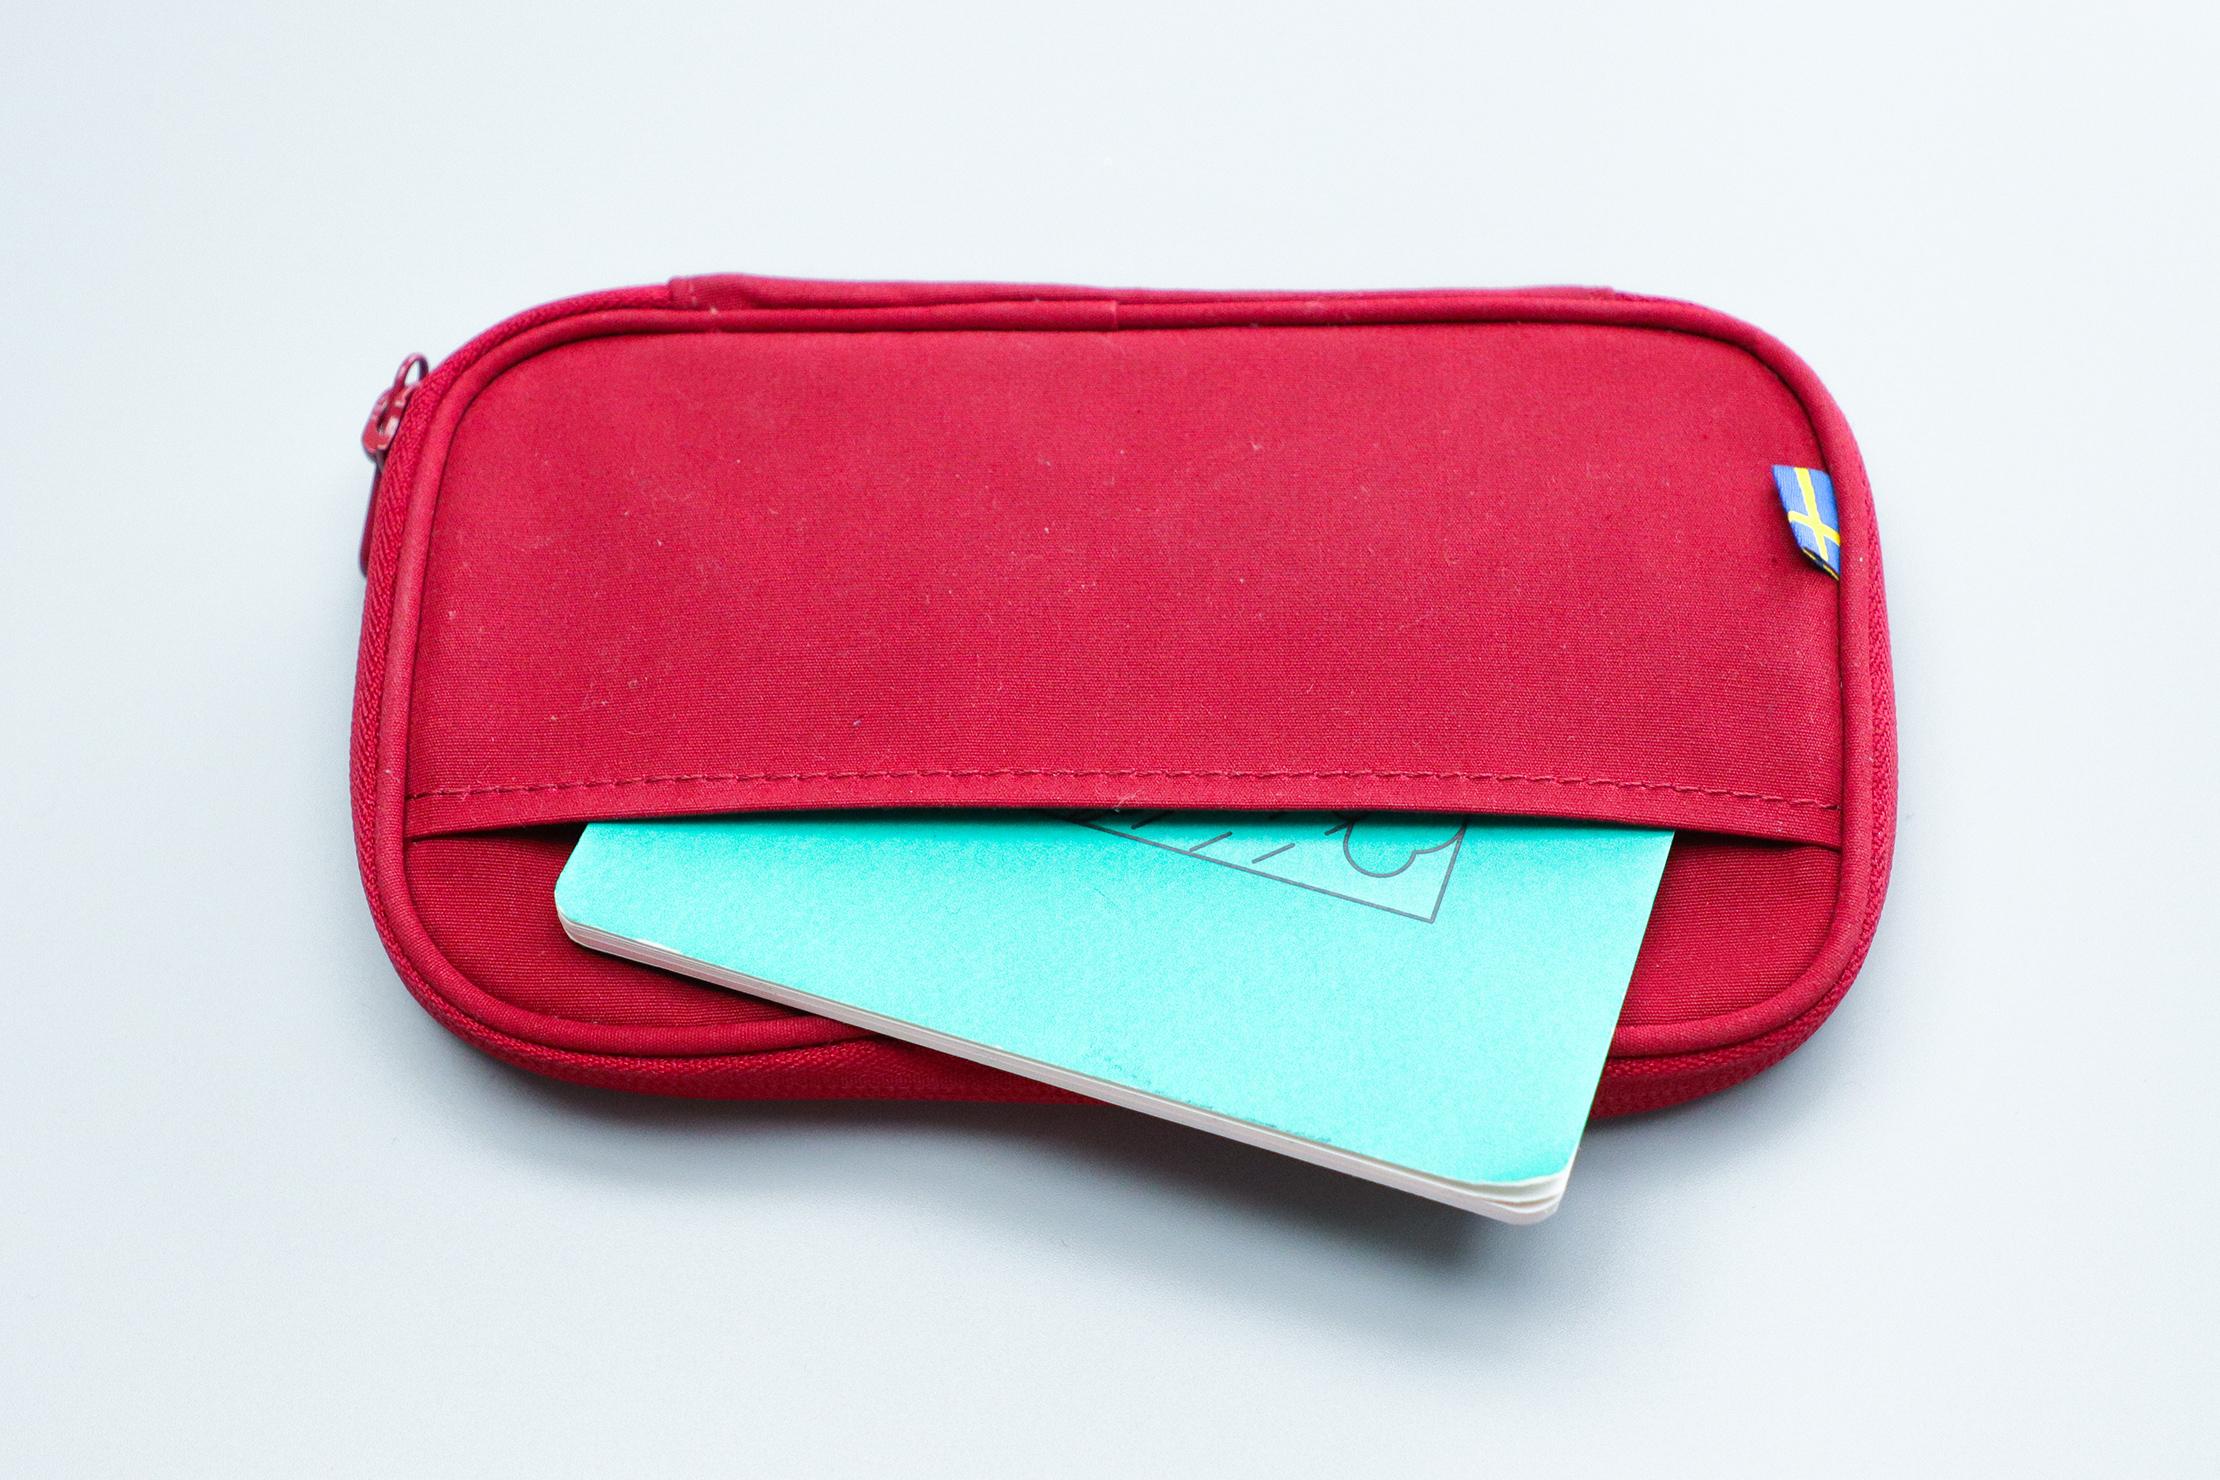 Fjallraven Kanken Travel Wallet Back Pocket